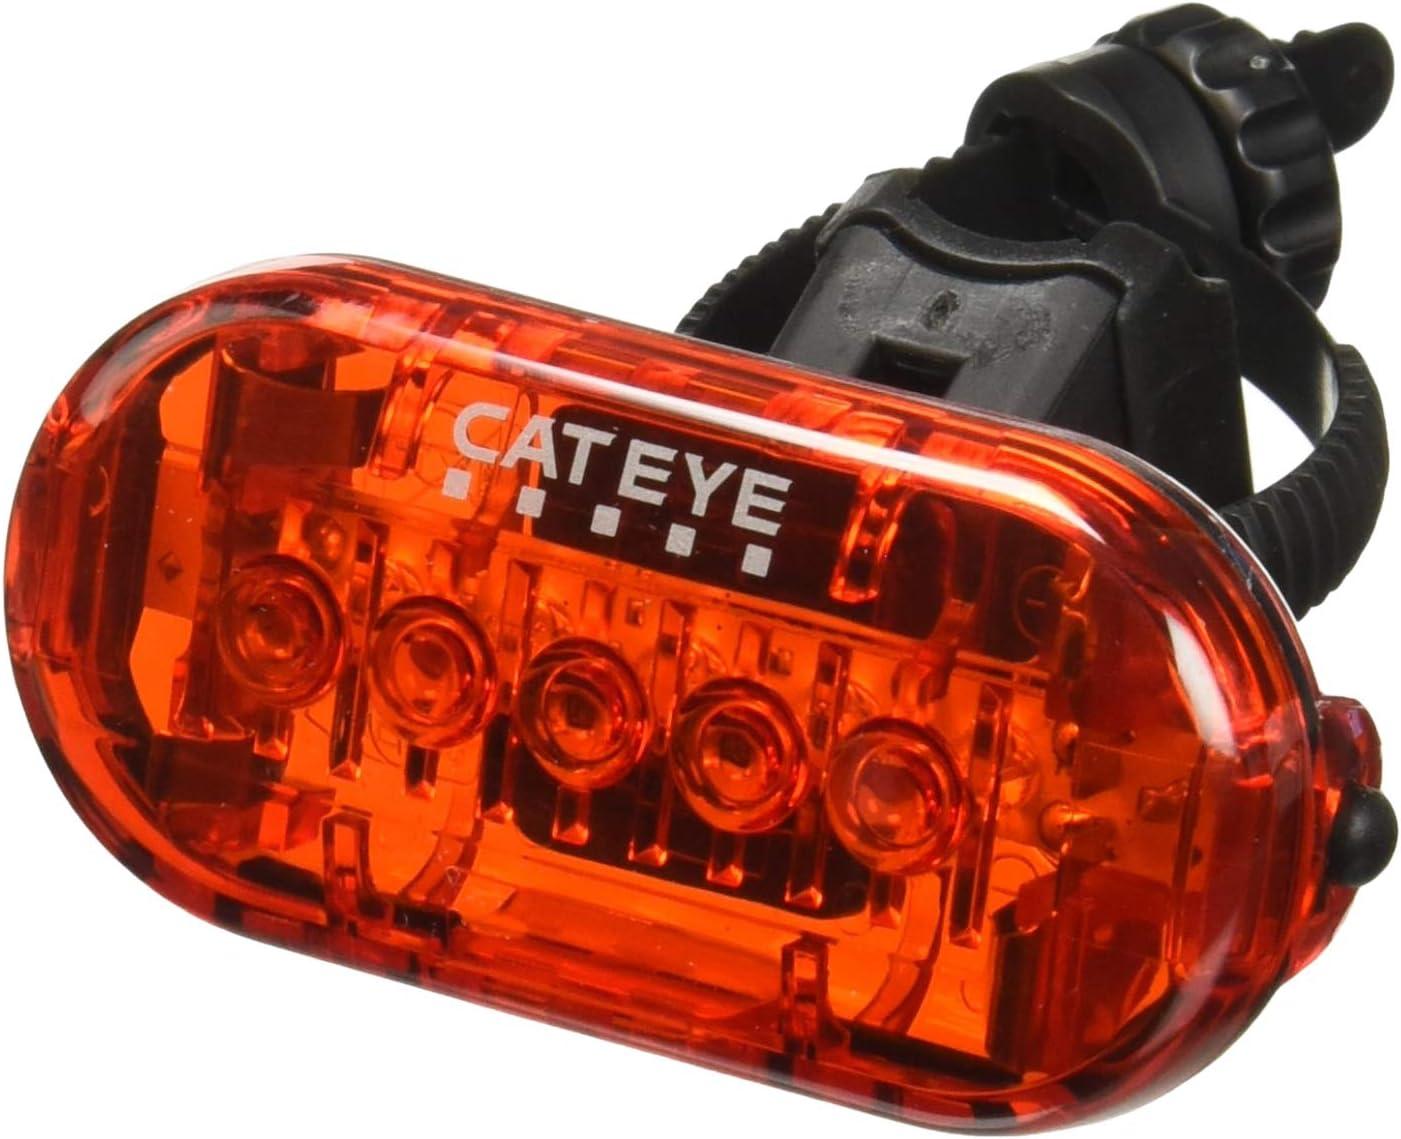 Cat Eye Omni 5 - Luz Trasera de Seguridad para Bicicleta TL-LD155-R: Amazon.es: Deportes y aire libre